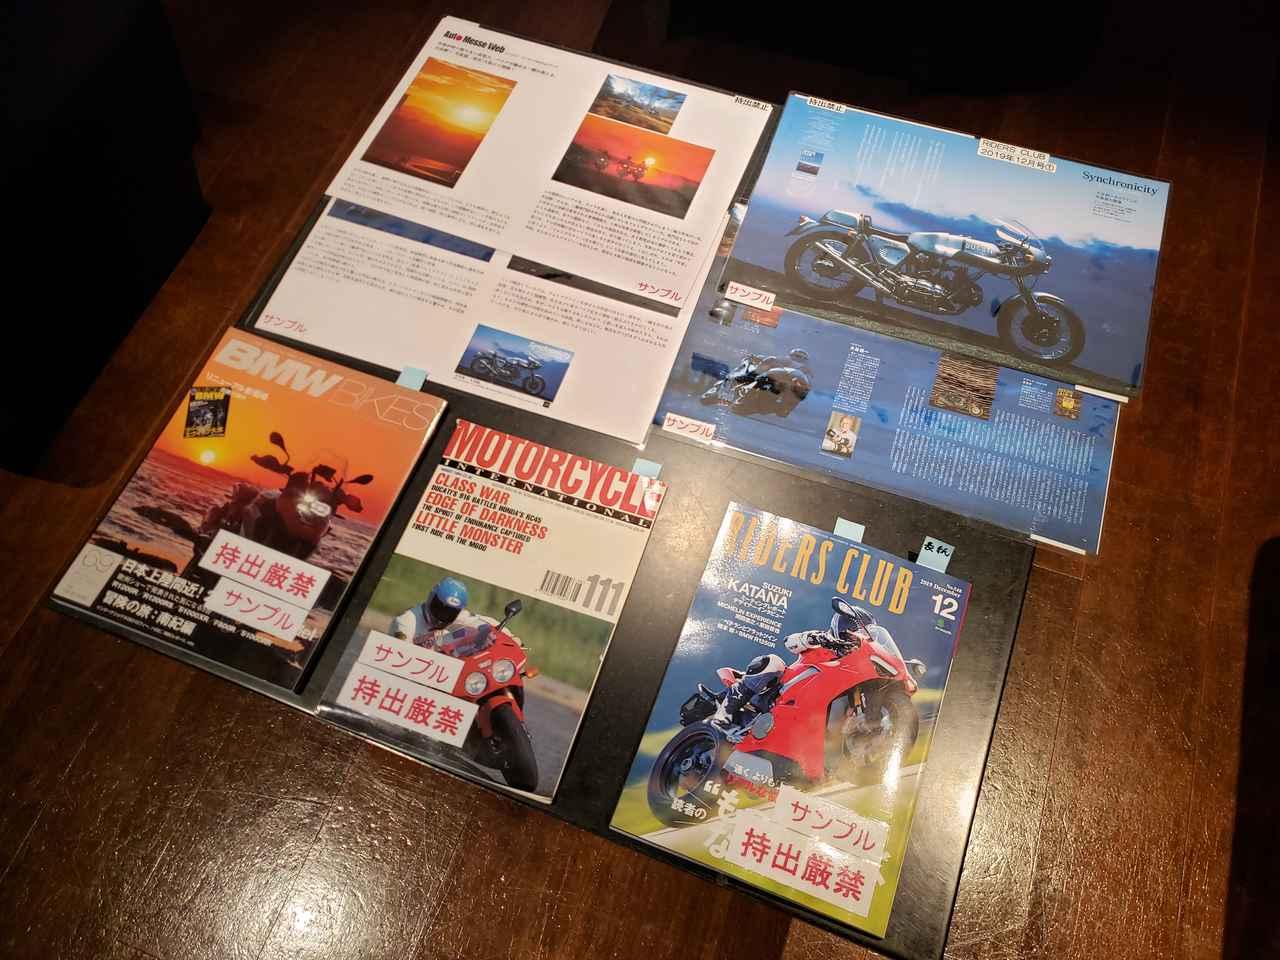 画像: 会場では、大谷さんが撮影されたバイクの写真や記事が掲載された雑誌「BMW BIKES」、「MOTORCYCLE INTERNATIONAL」、「RIDERS CLUB」もご覧いただけます。